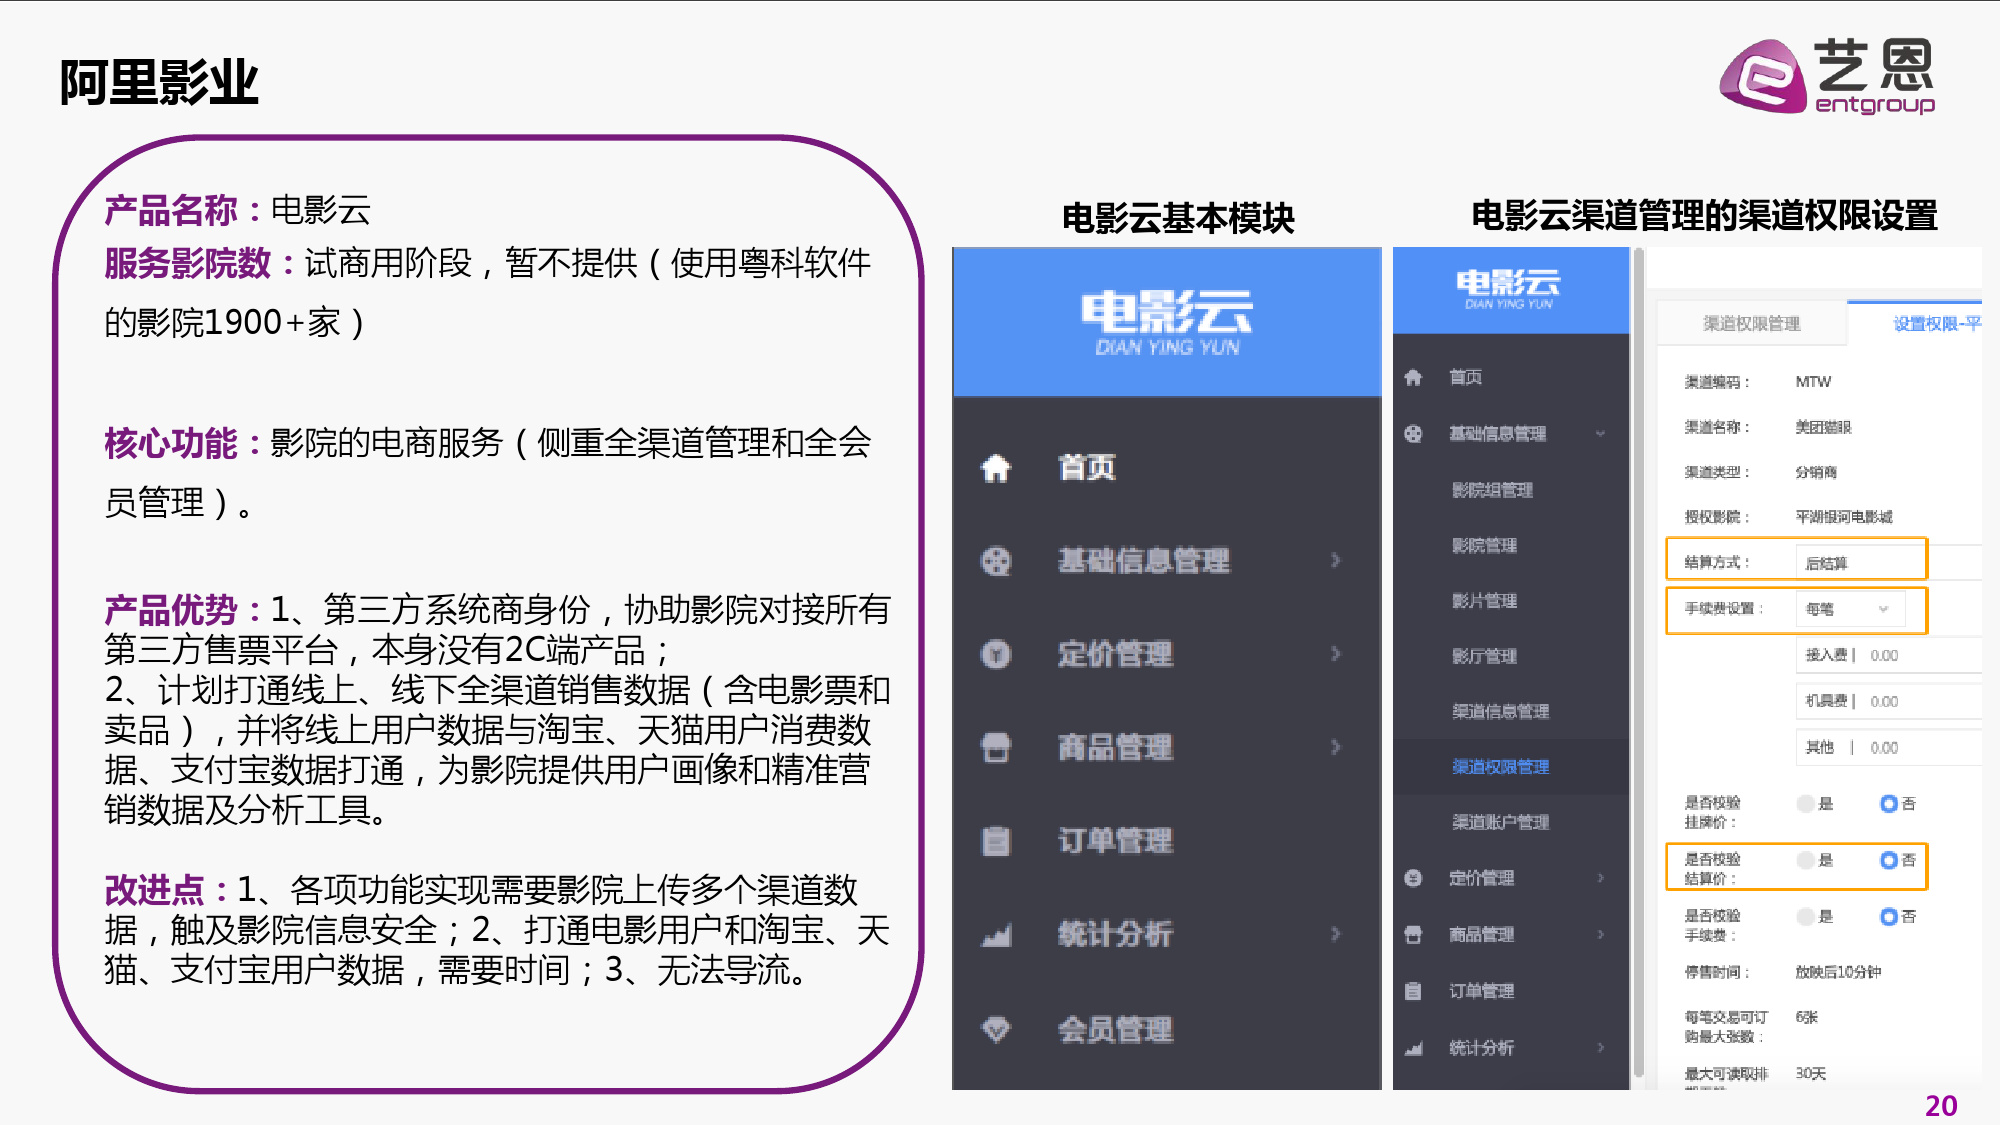 2016年中国电影在线票务市场研究报告_000019